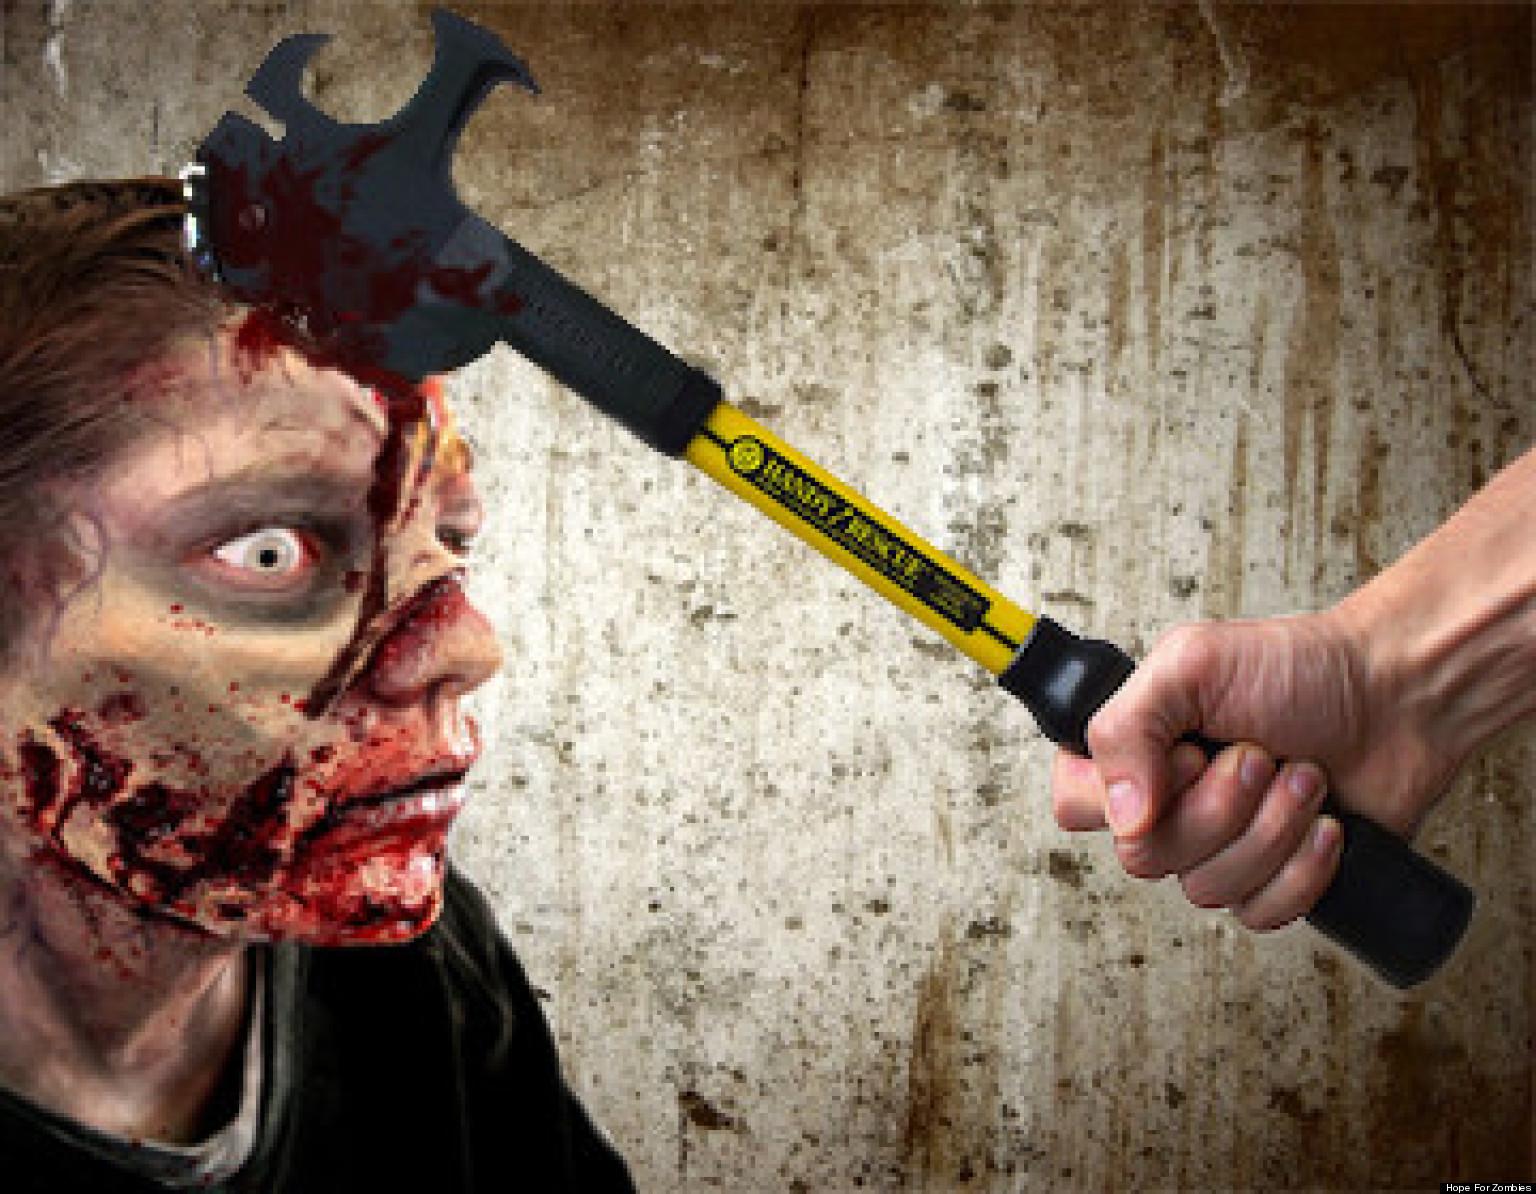 Weird Christmas Gifts: Zombie Killers, Breathalyzer Key ...